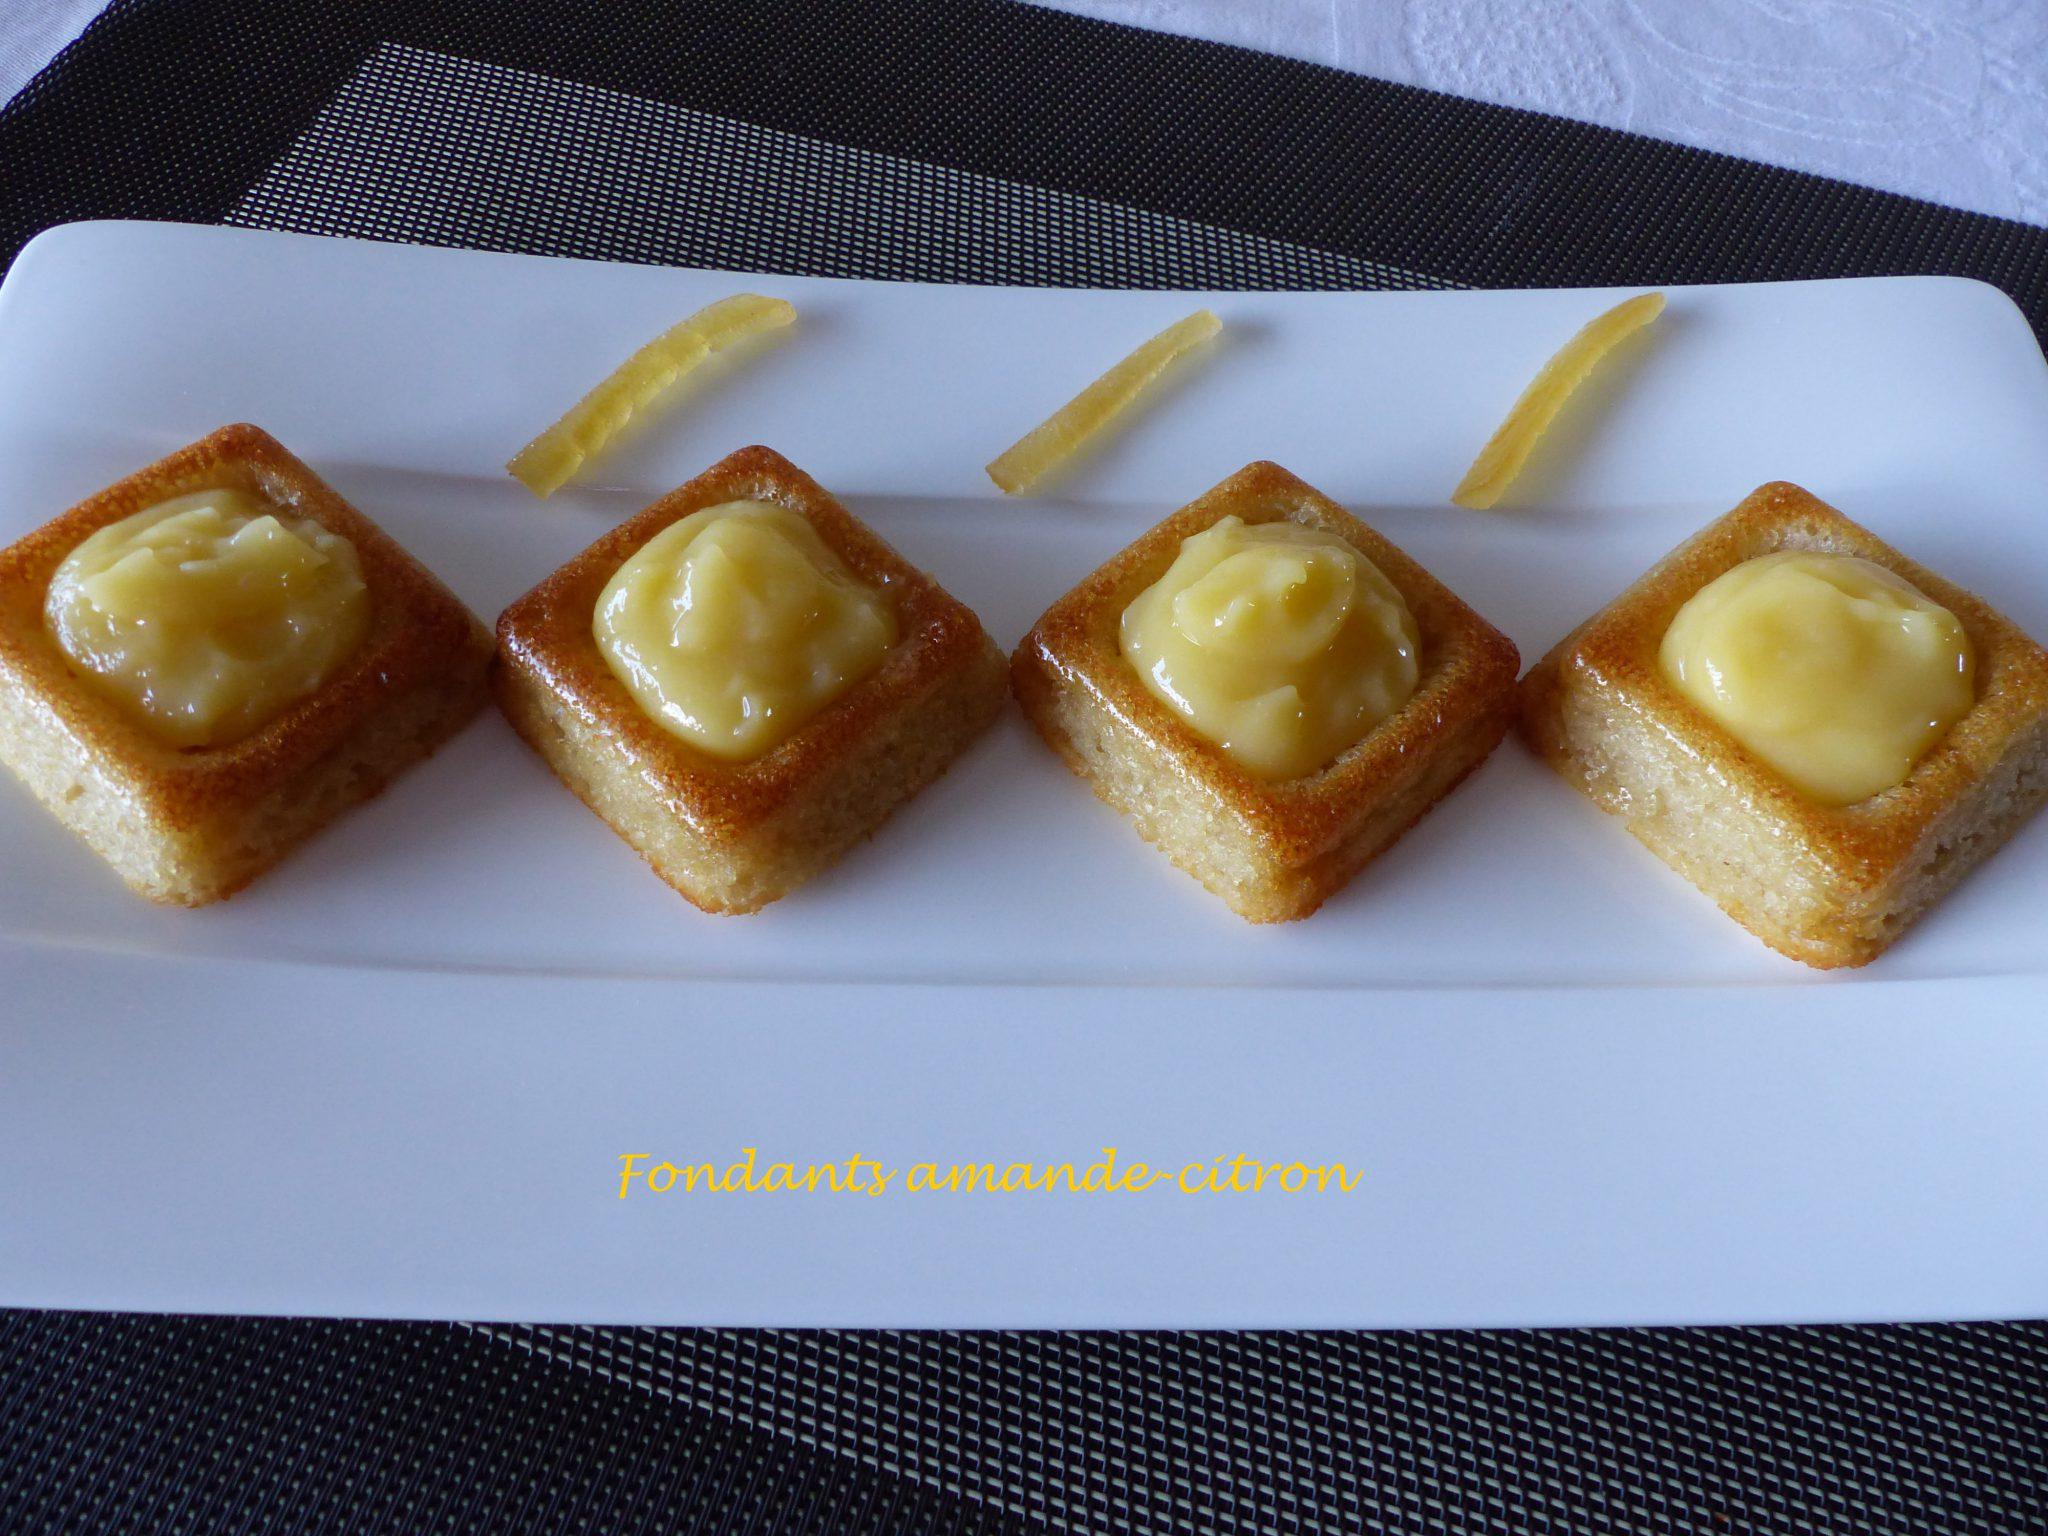 Fondants amande-citron P1080271 R